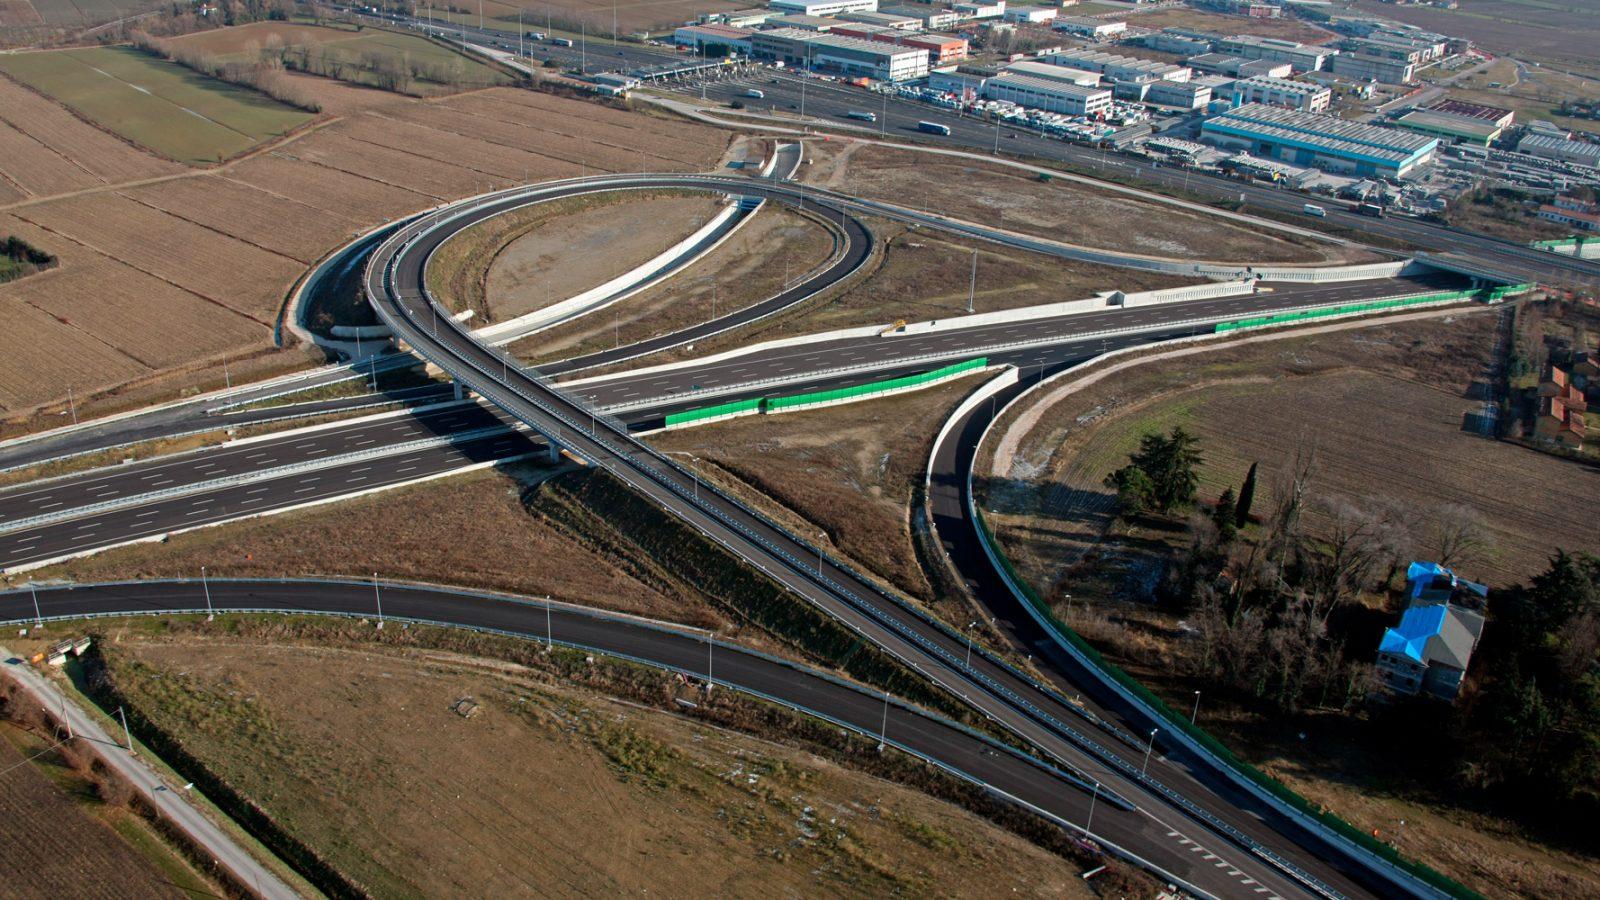 Veneto, interconnessione (in fase di ultimazione nel 2009) tra il Passante di Mestre e l'autostrada A27 (Archivio storico Anas)